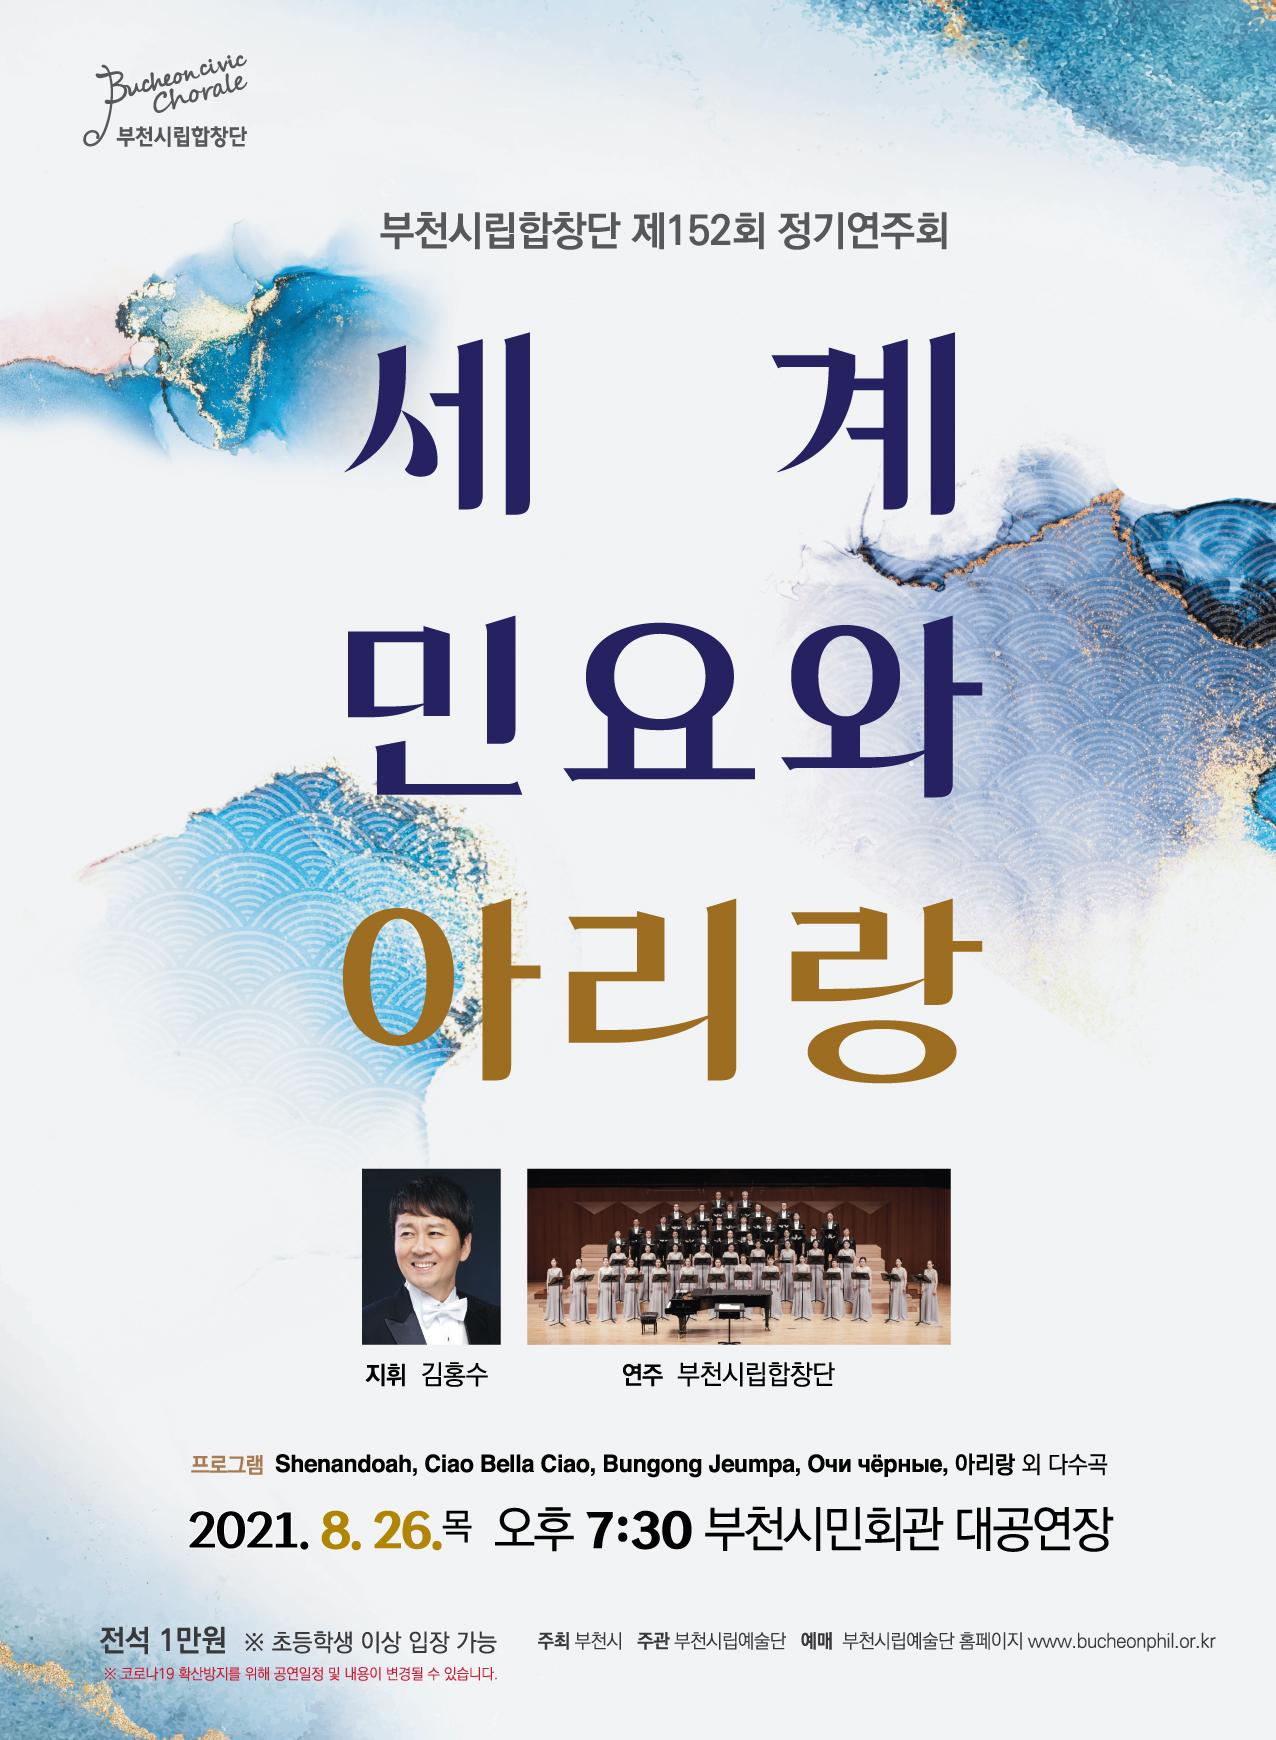 부천시립합창단 제152회 정기연주회 <세계민요와 아리랑>